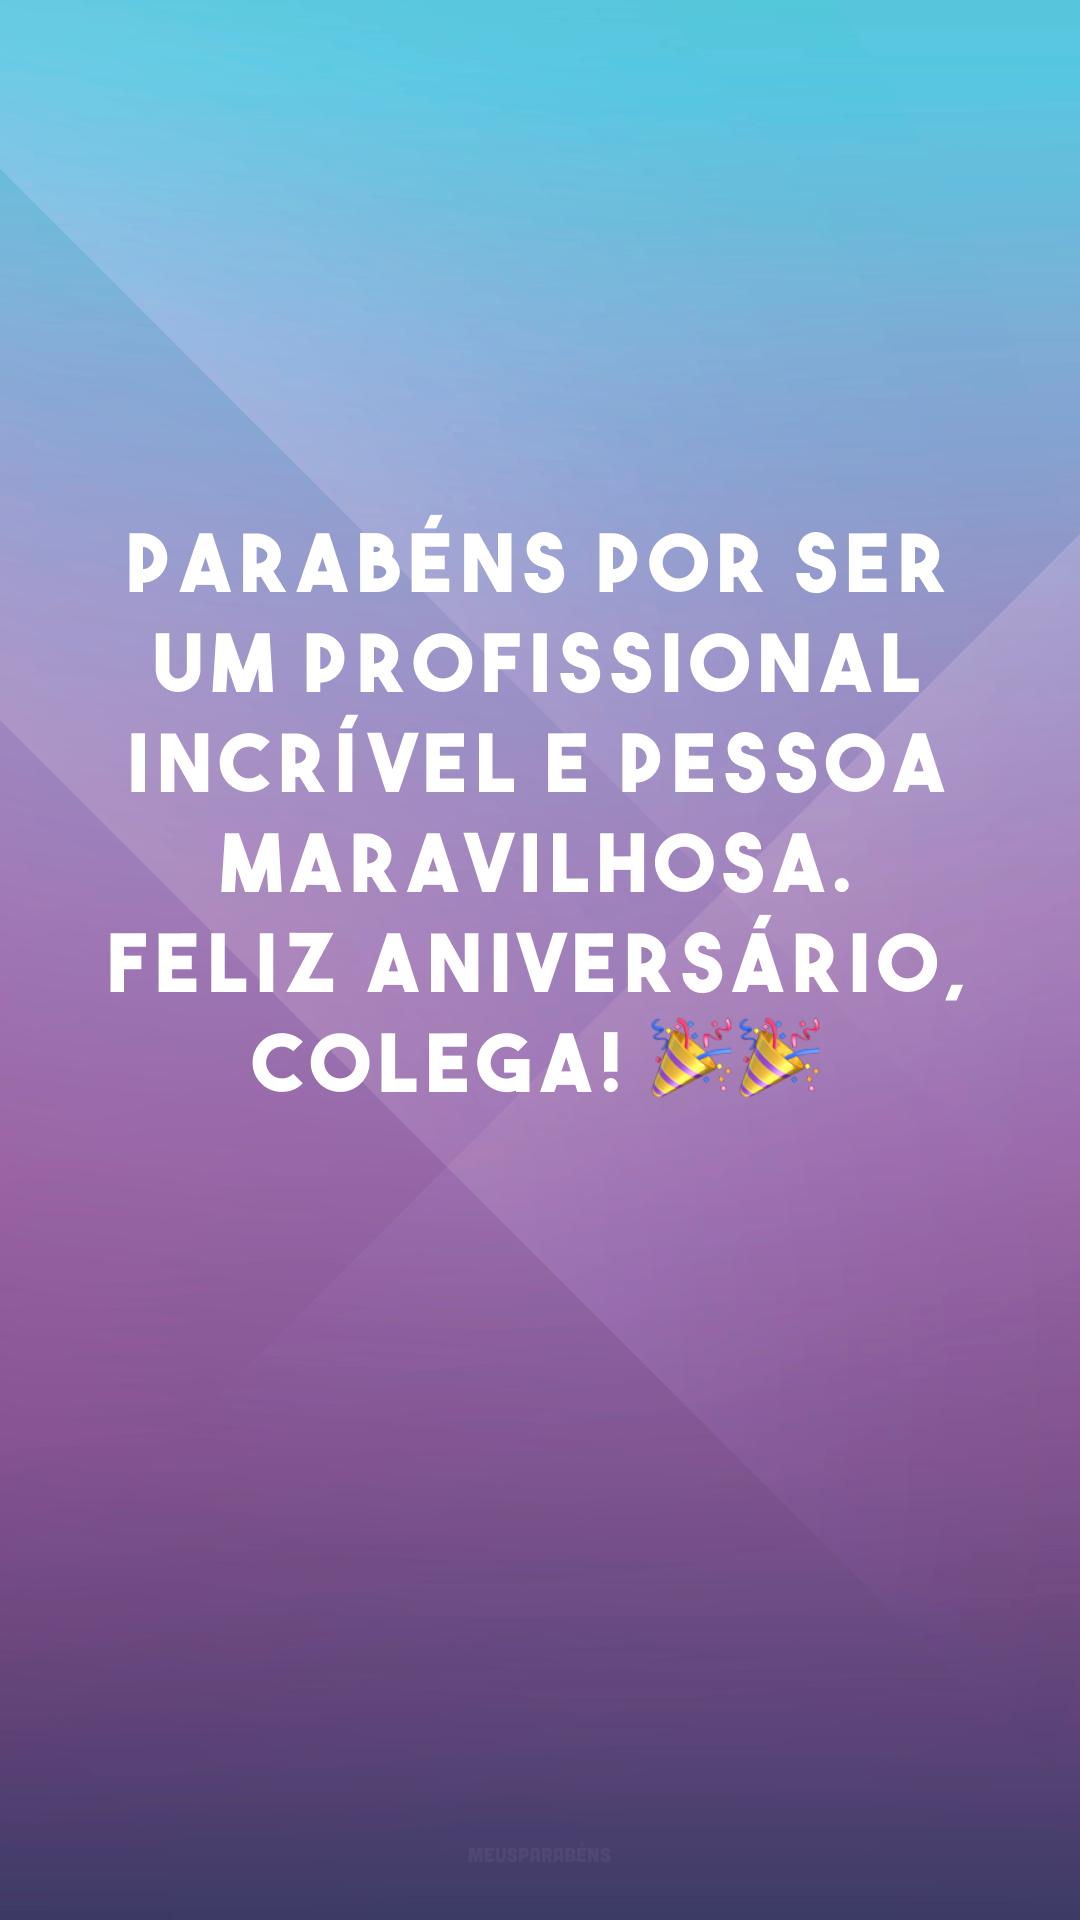 Parabéns por ser um profissional incrível e pessoa maravilhosa. Feliz aniversário, colega! 🎉🎉